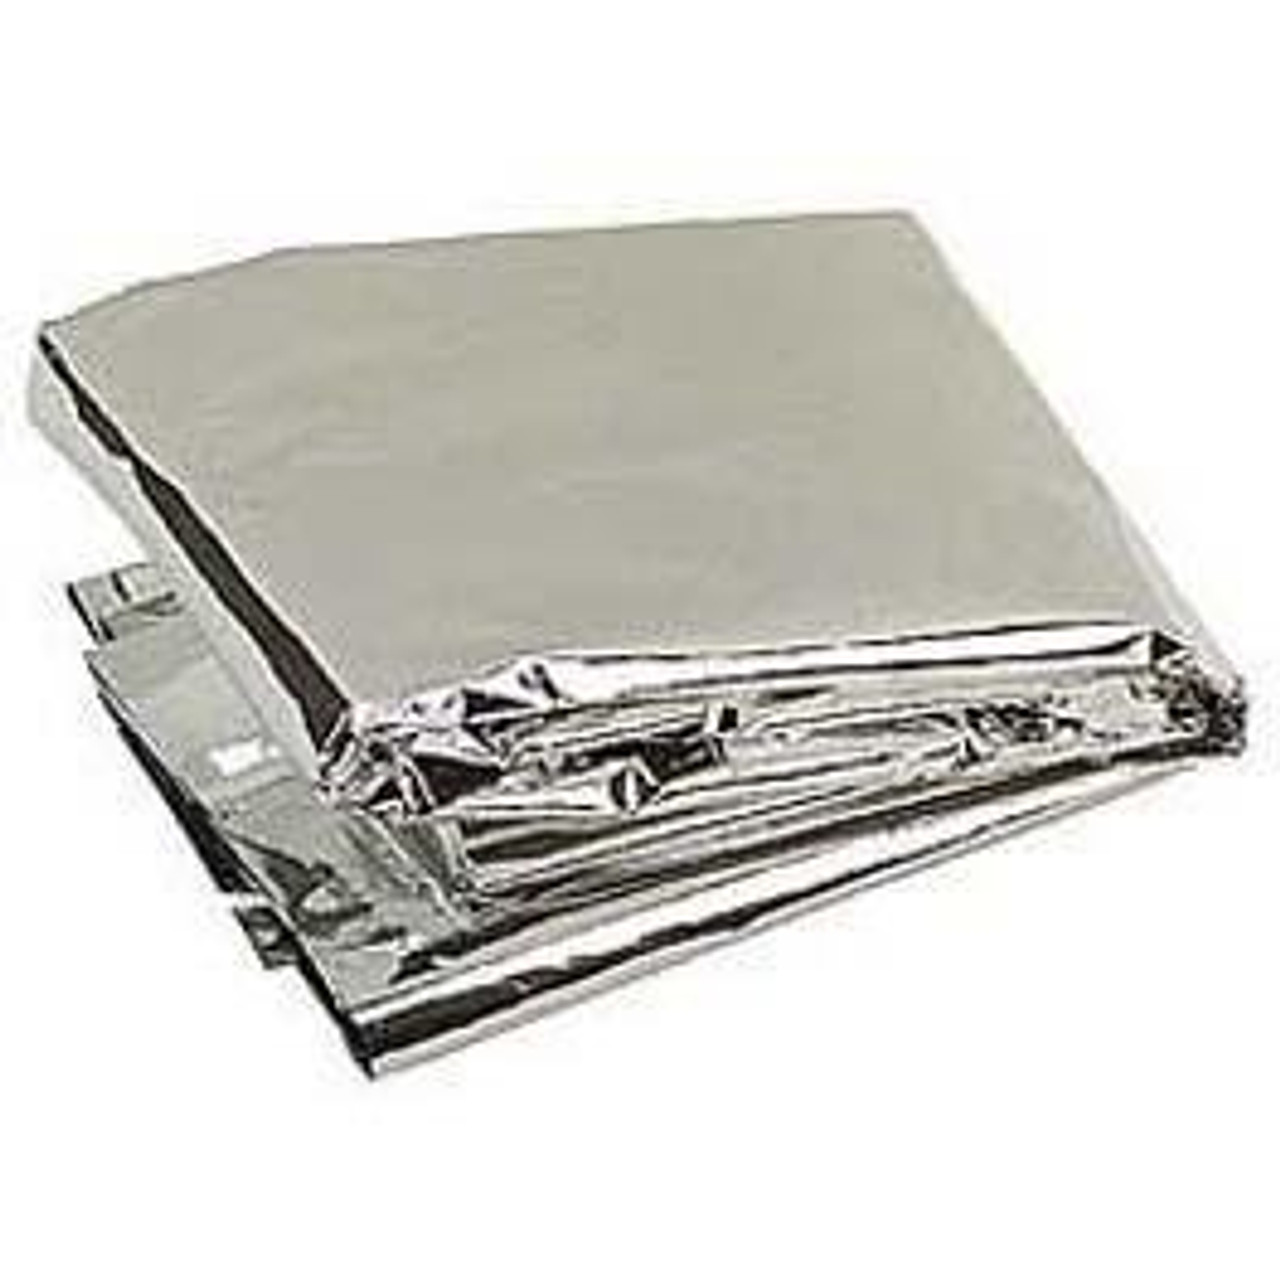 Thermal Emergency Blanket - Silver - 100 Pak